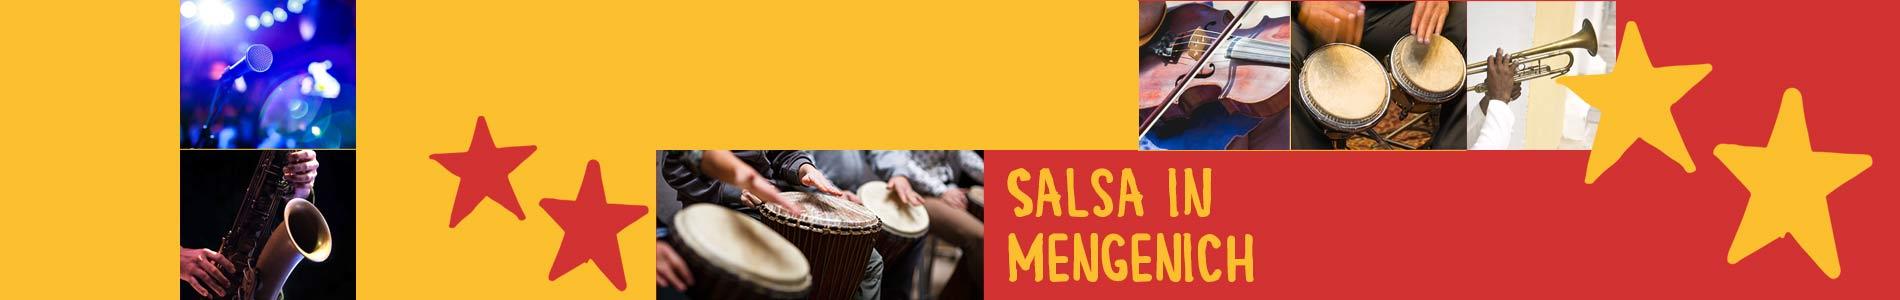 Salsa in Engen – Salsa lernen und tanzen, Tanzkurse, Partys, Veranstaltungen